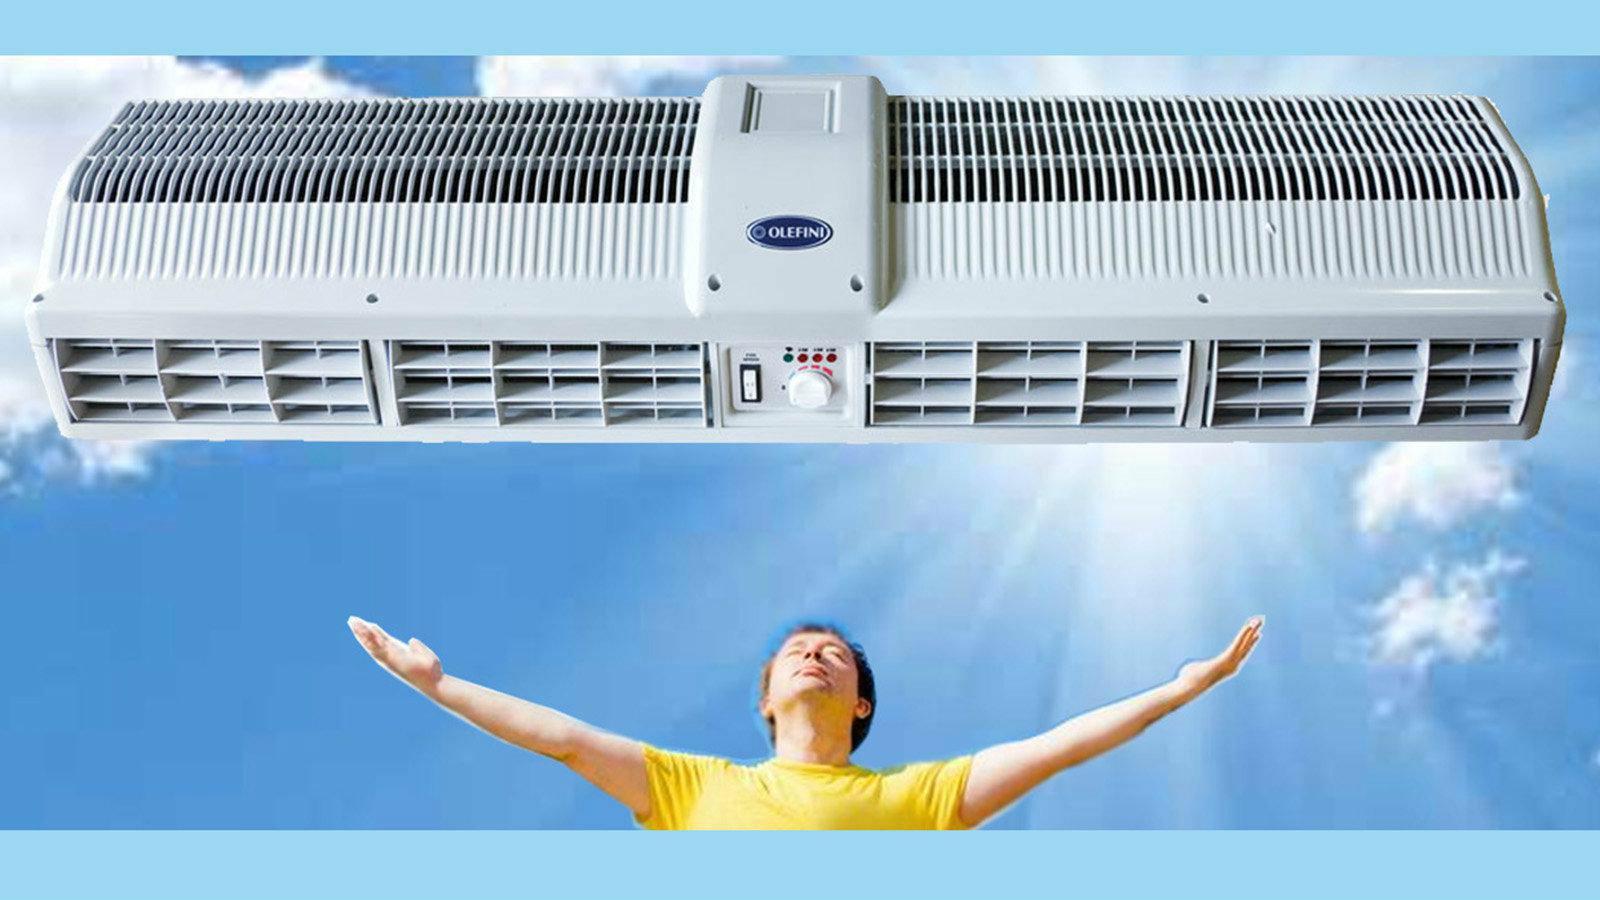 Οι αεροκουρτίνες OLEFINI ξεχωρίζουν για το λεπτό σχεδιασμό, την εύκολη τοποθέτηση, την υψηλή αντοχή και την ισχυρή ροή του αέρα που παρέχουν.